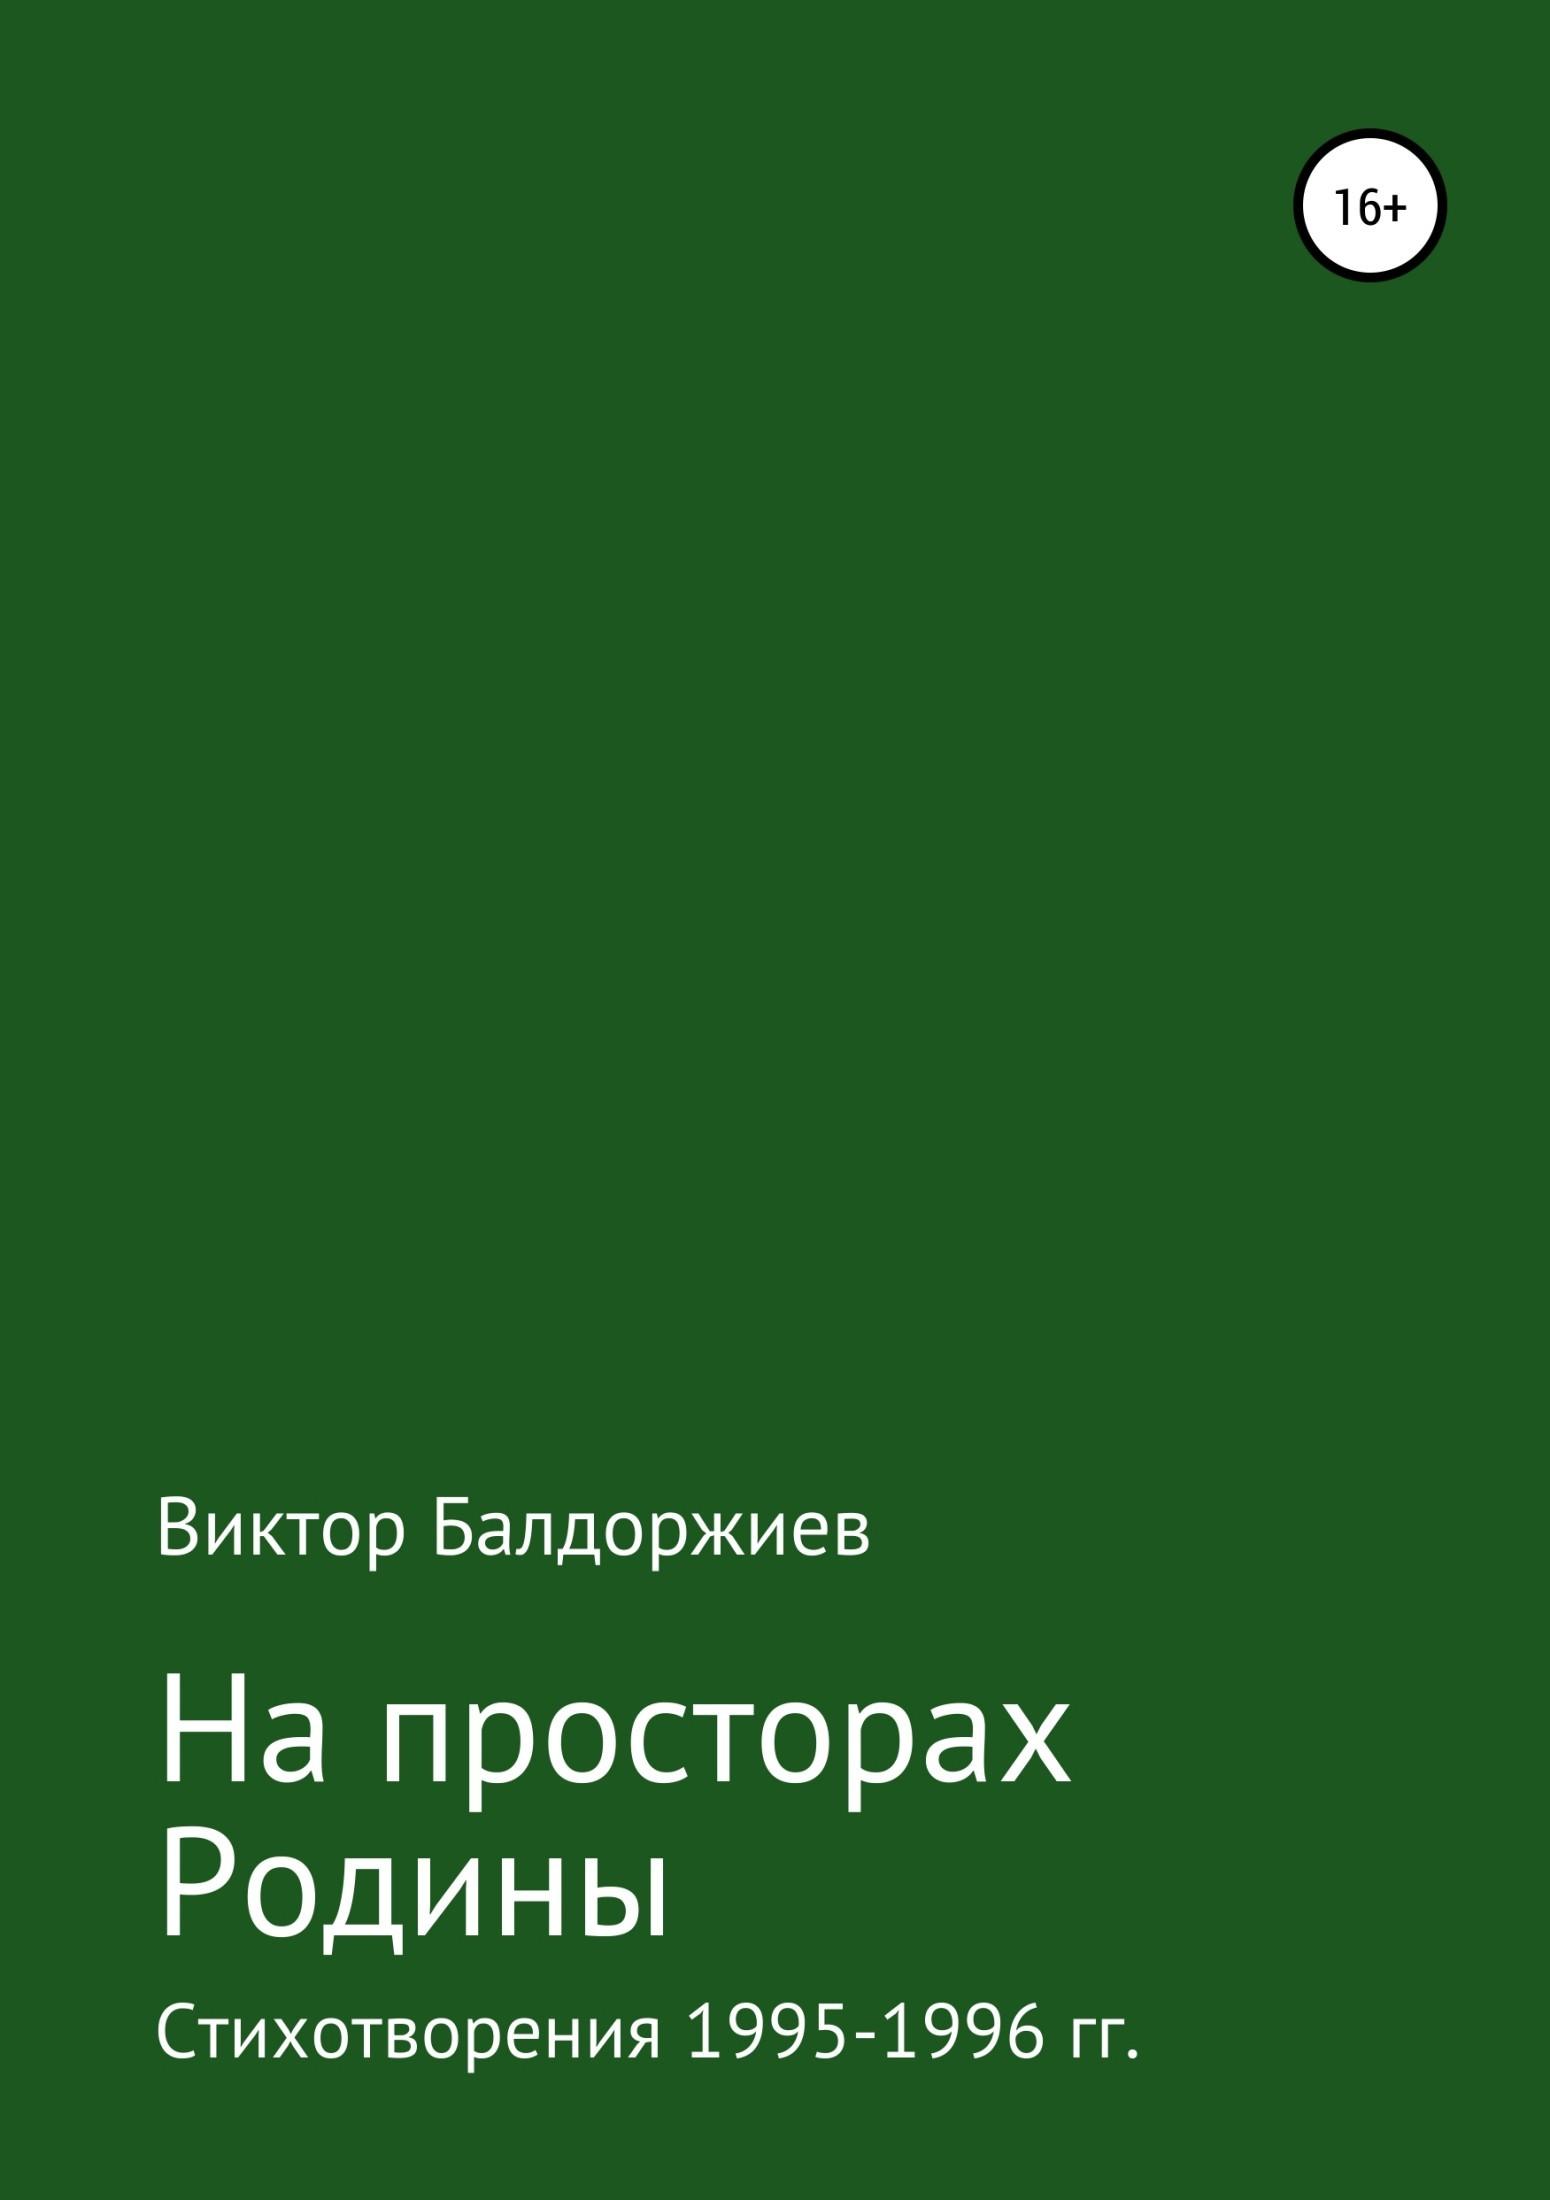 Виктор Балдоржиев На просторах Родины виктор балдоржиев земля взаймы